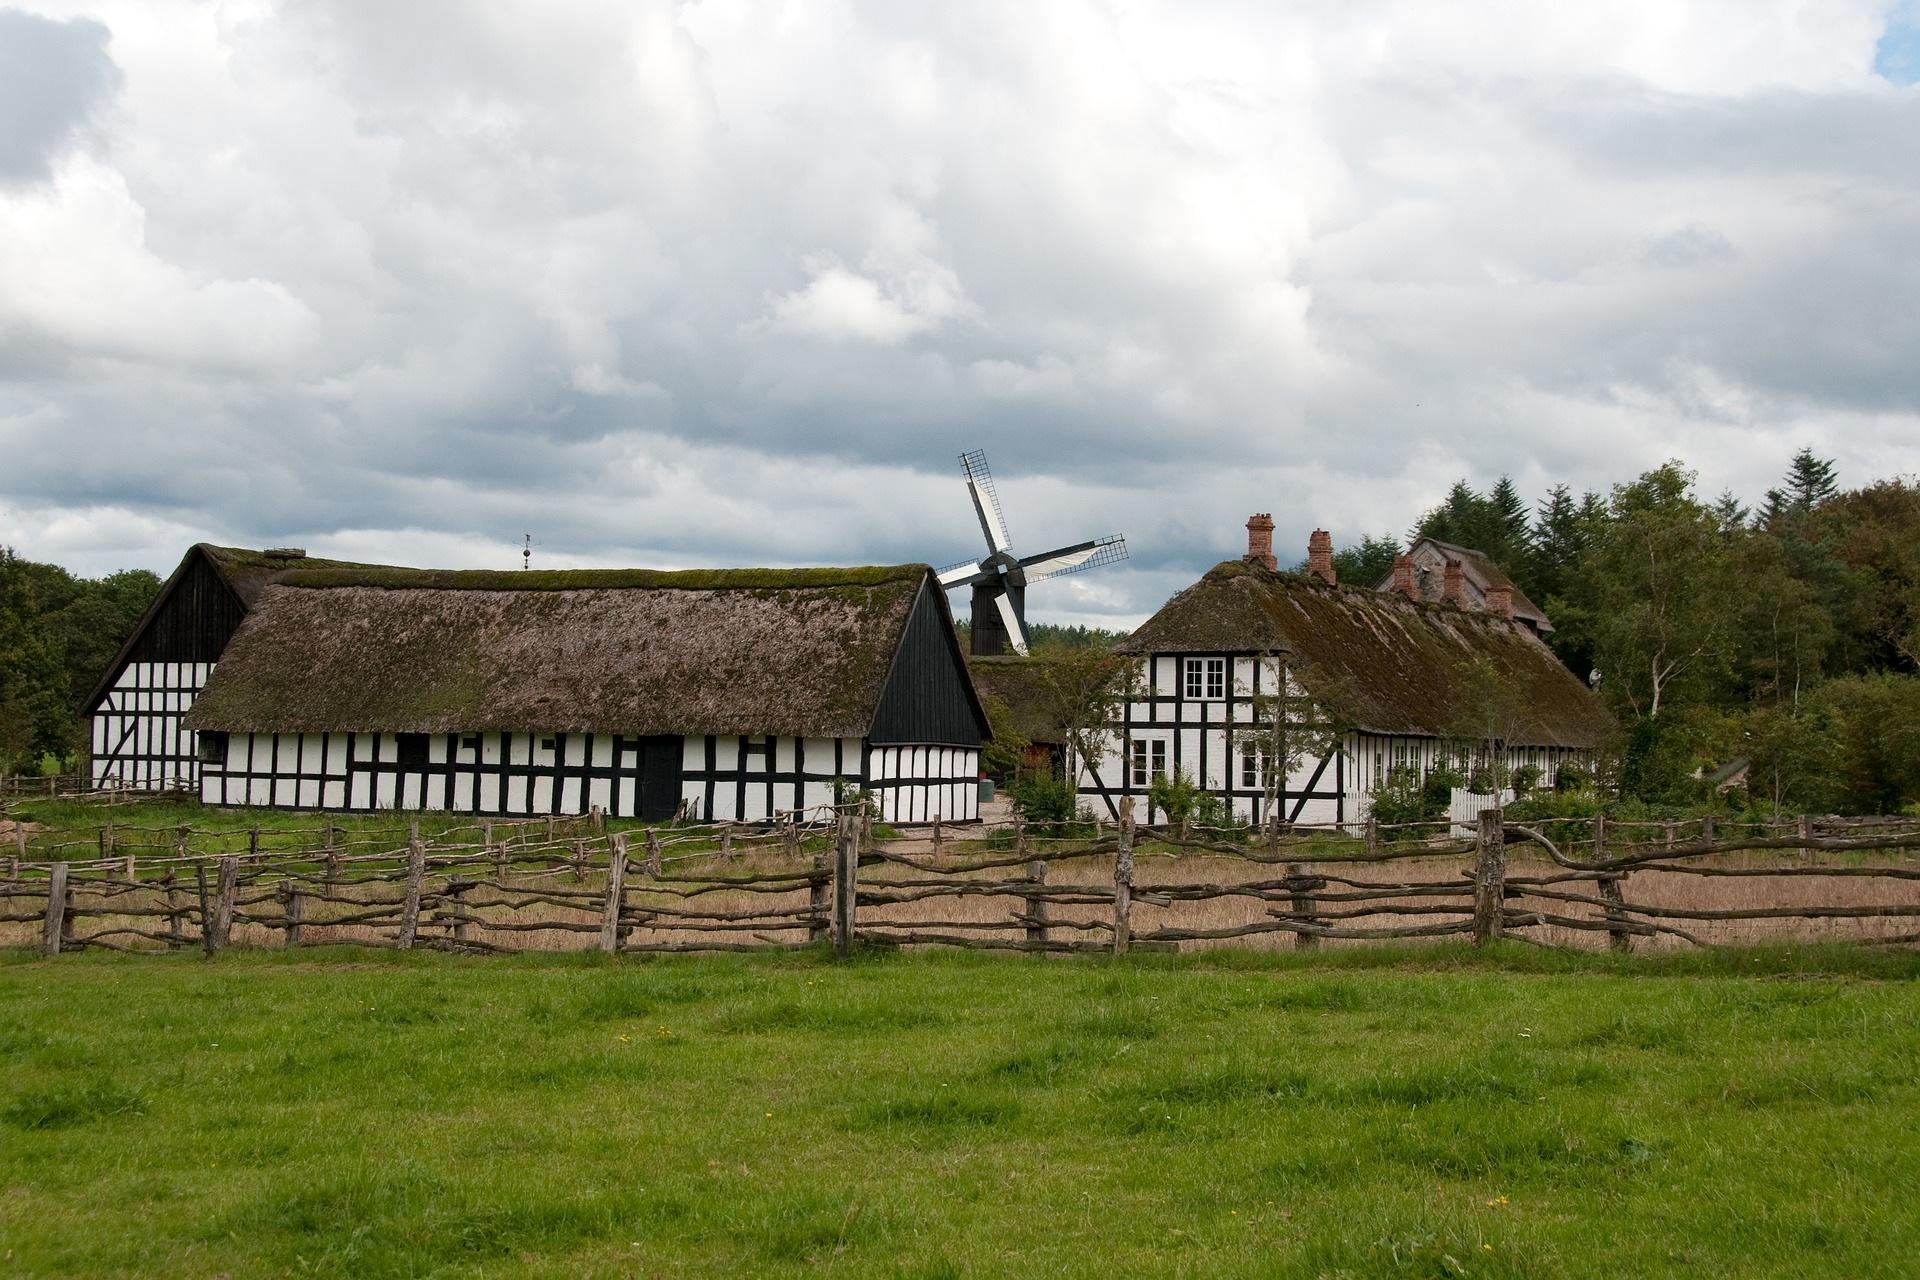 26 Spændende Oplevelser i Midtjylland - Hjerl Hede - Rejs Dig Lykkelig